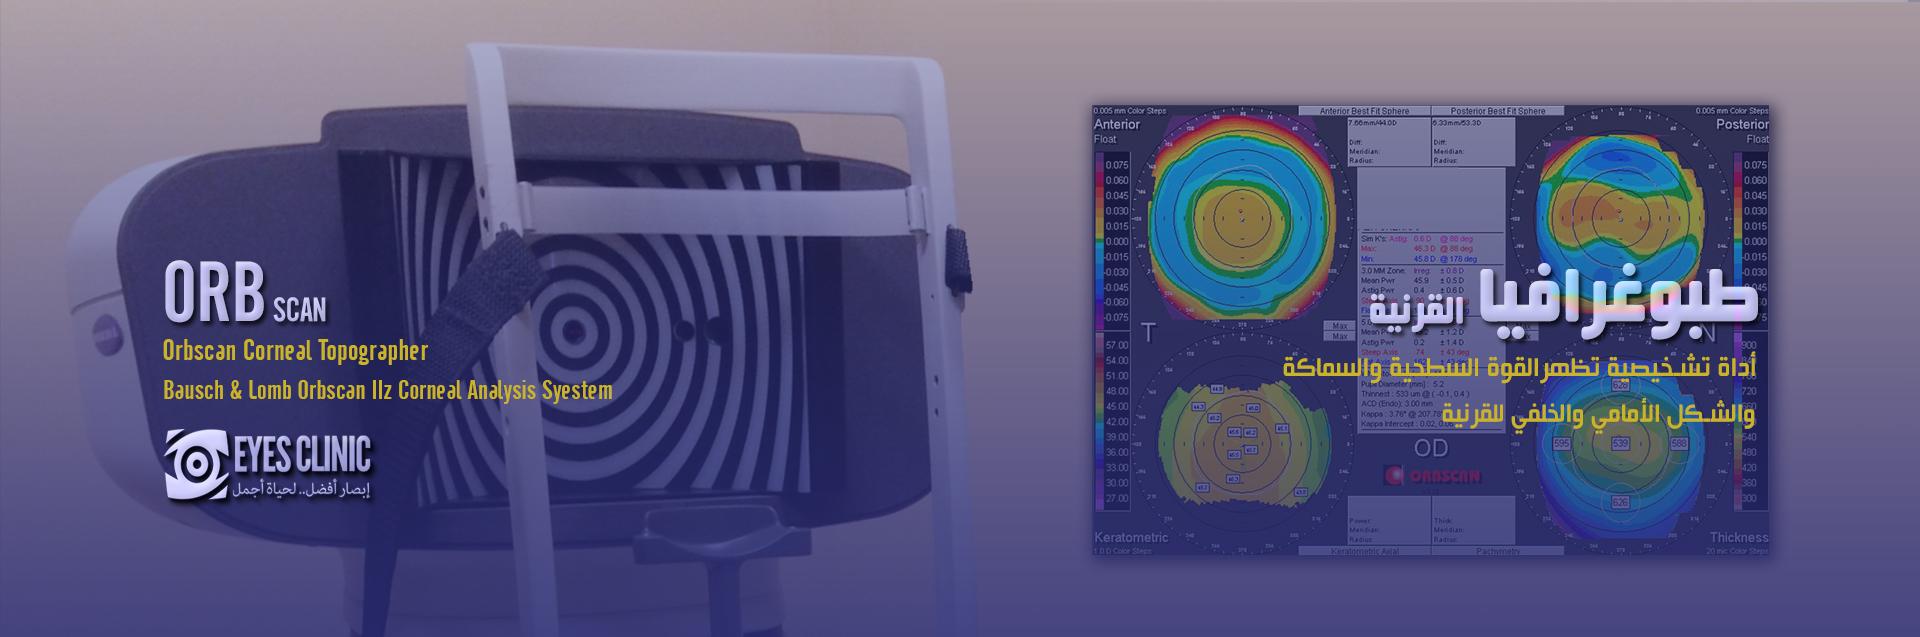 OrbScan فحص قرنية العين